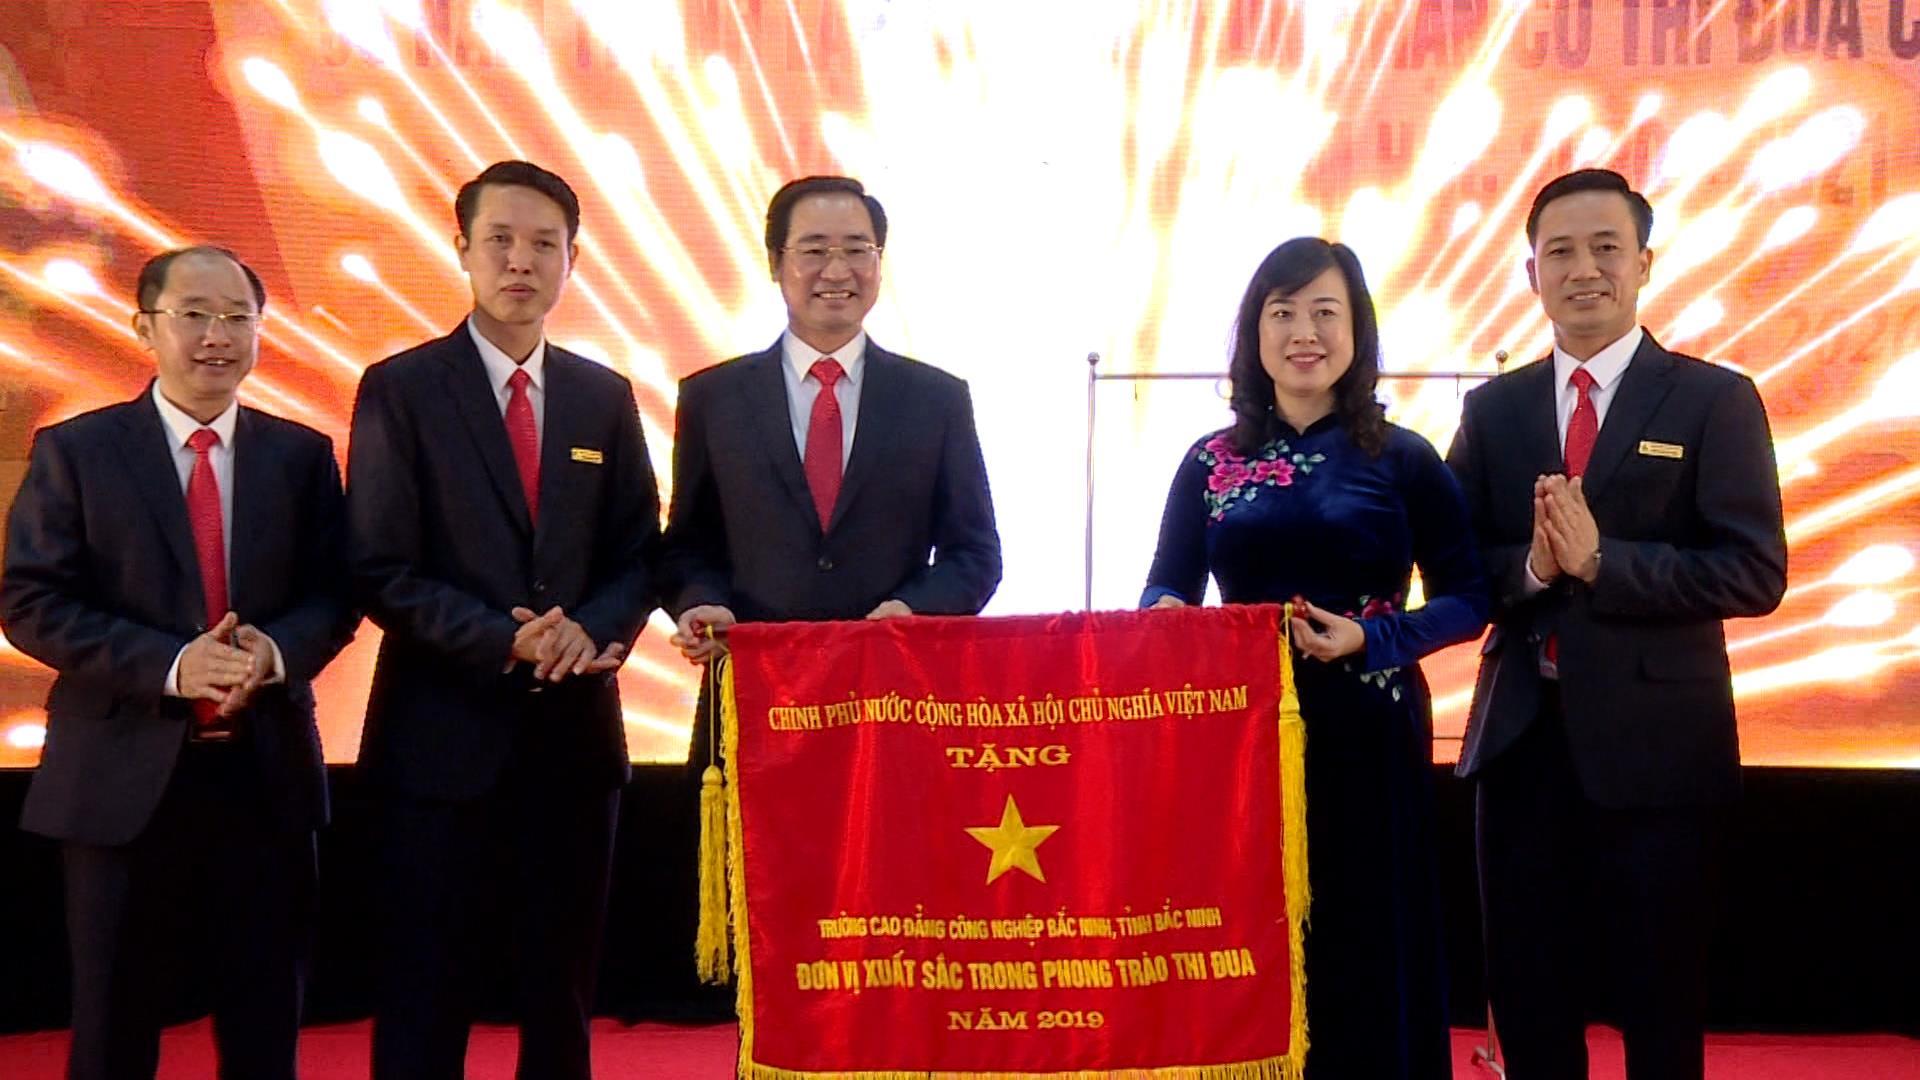 Trường Cao đẳng Công nghiệp Bắc Ninh Kỷ niệm 50 năm ngày thành lập